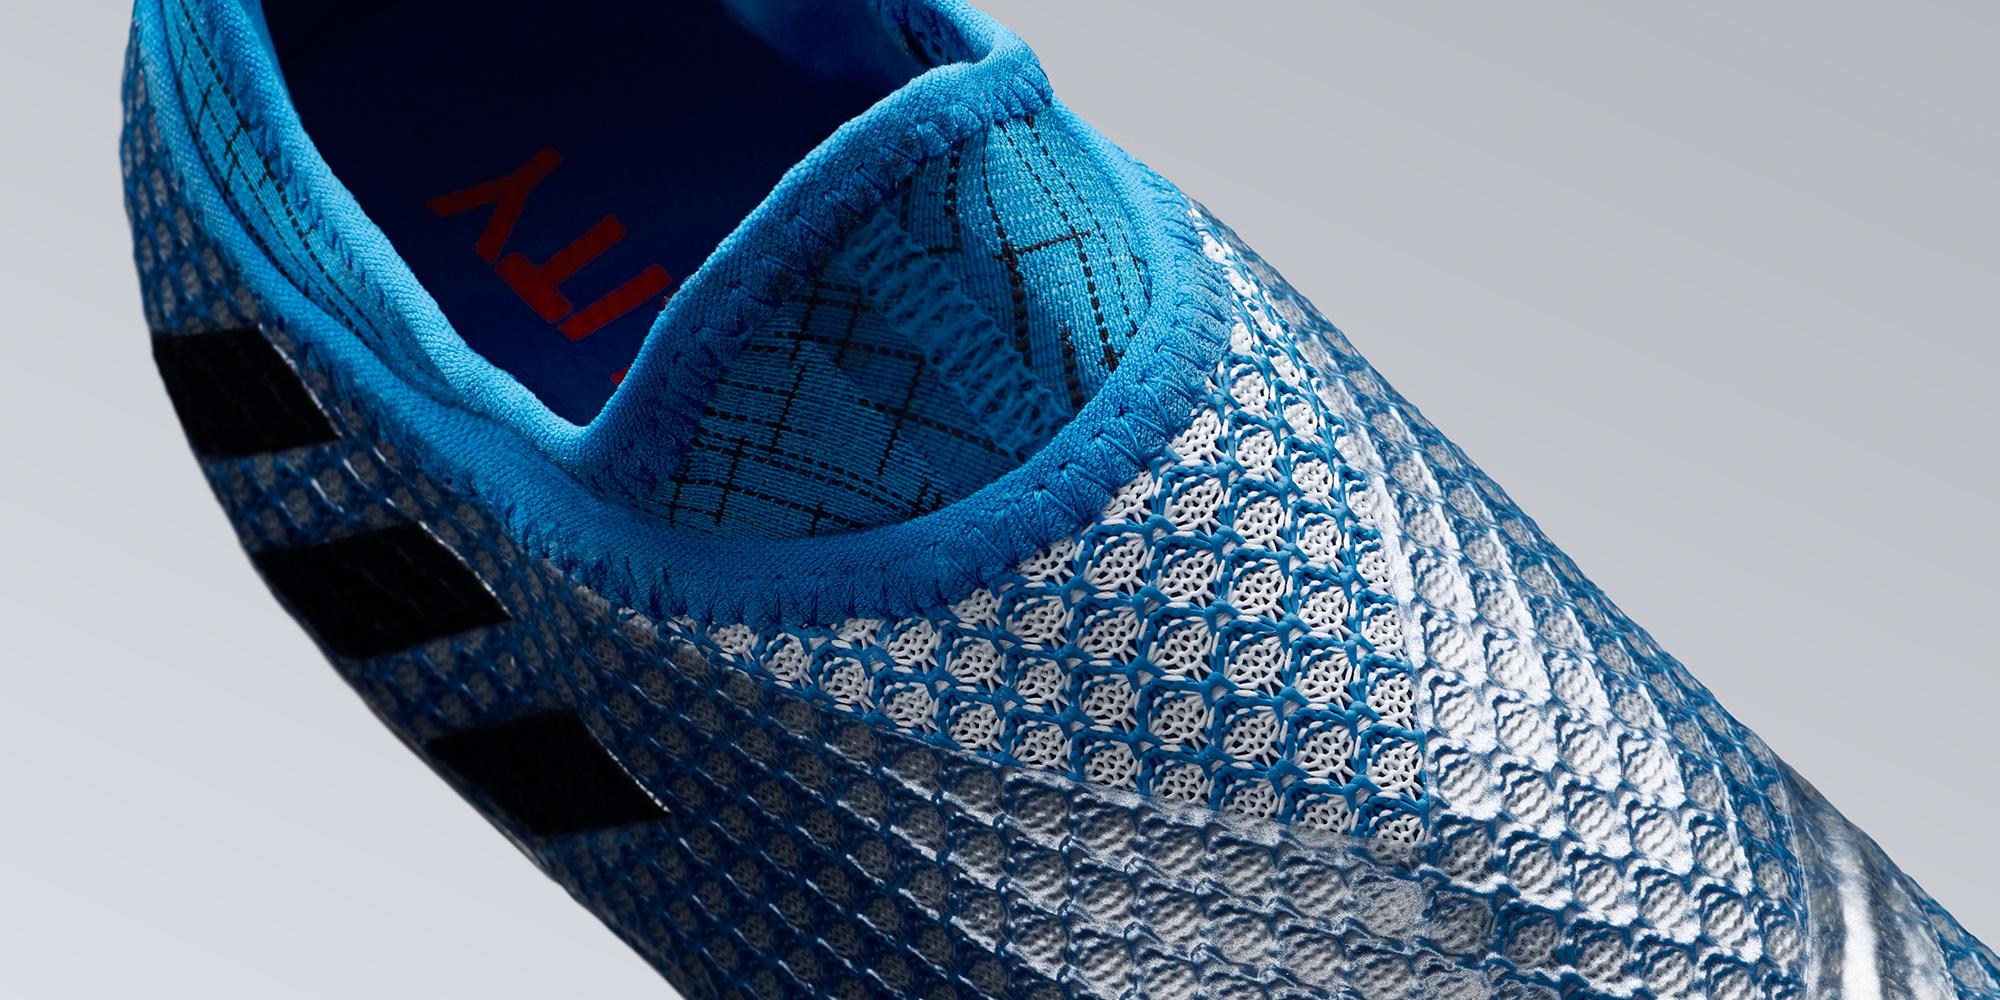 MESSI 16+ PUREAGILITY adidas football boots copa america